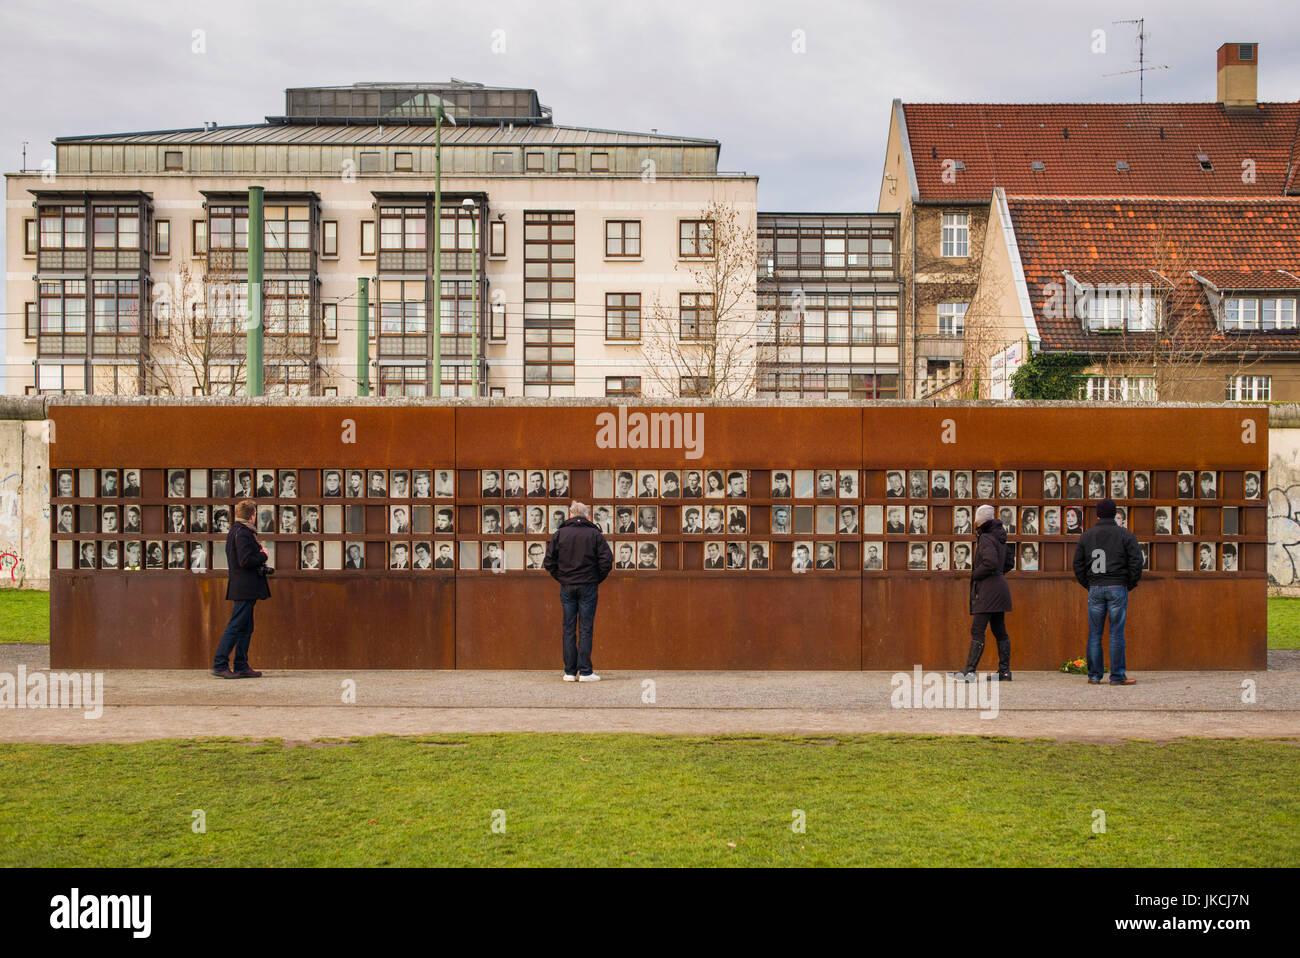 Germania, Berlino Prenzlauer Berg, Memoriale del Muro di Berlino le foto delle persone uccise da guardie di confine Foto Stock